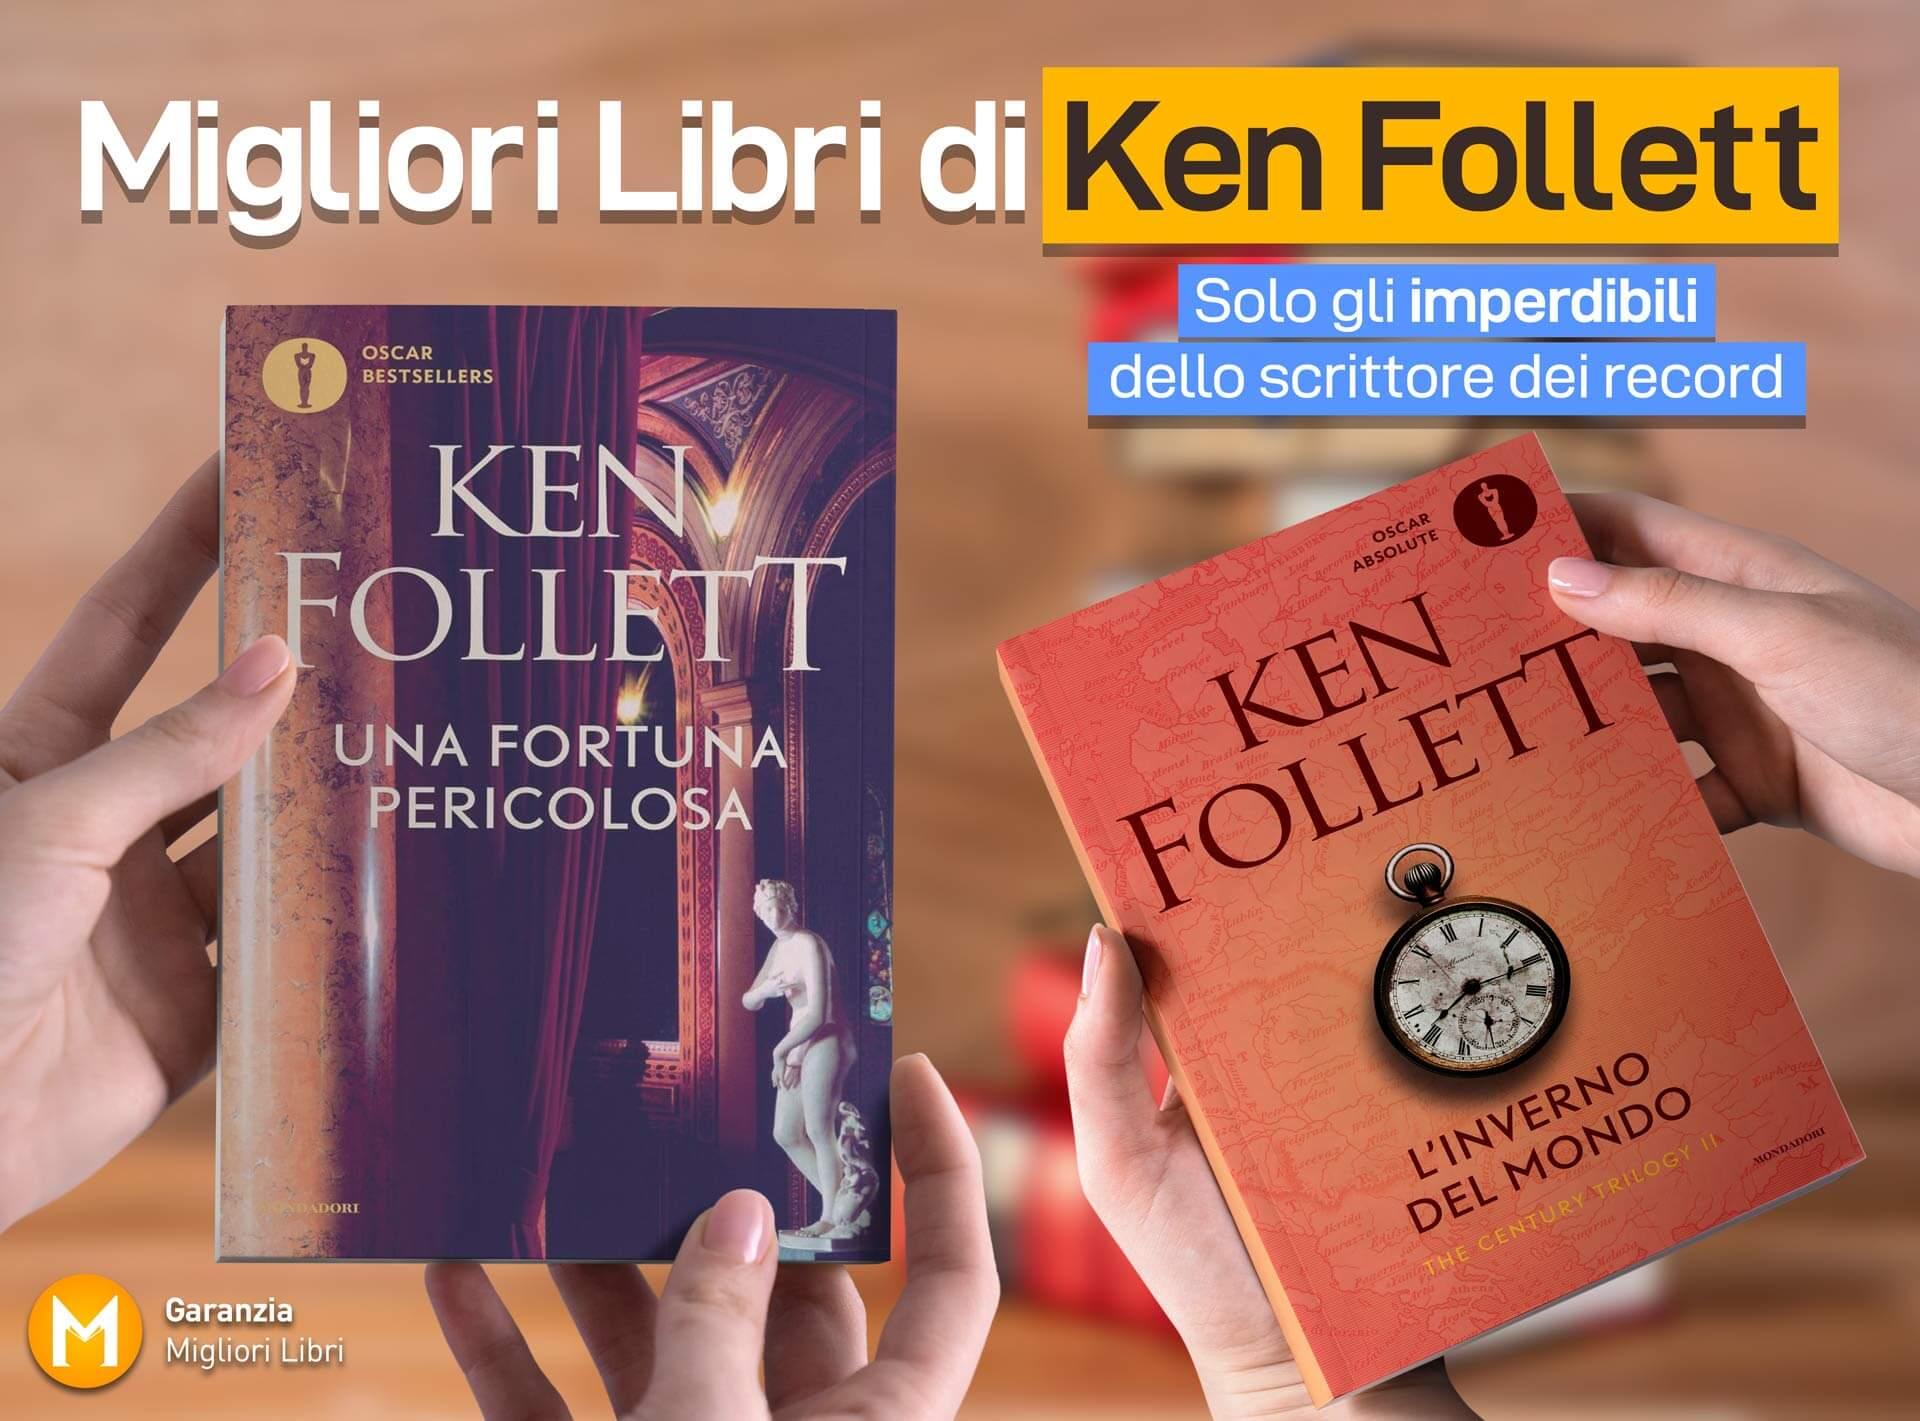 migliori-libri-ken-follett-consigli